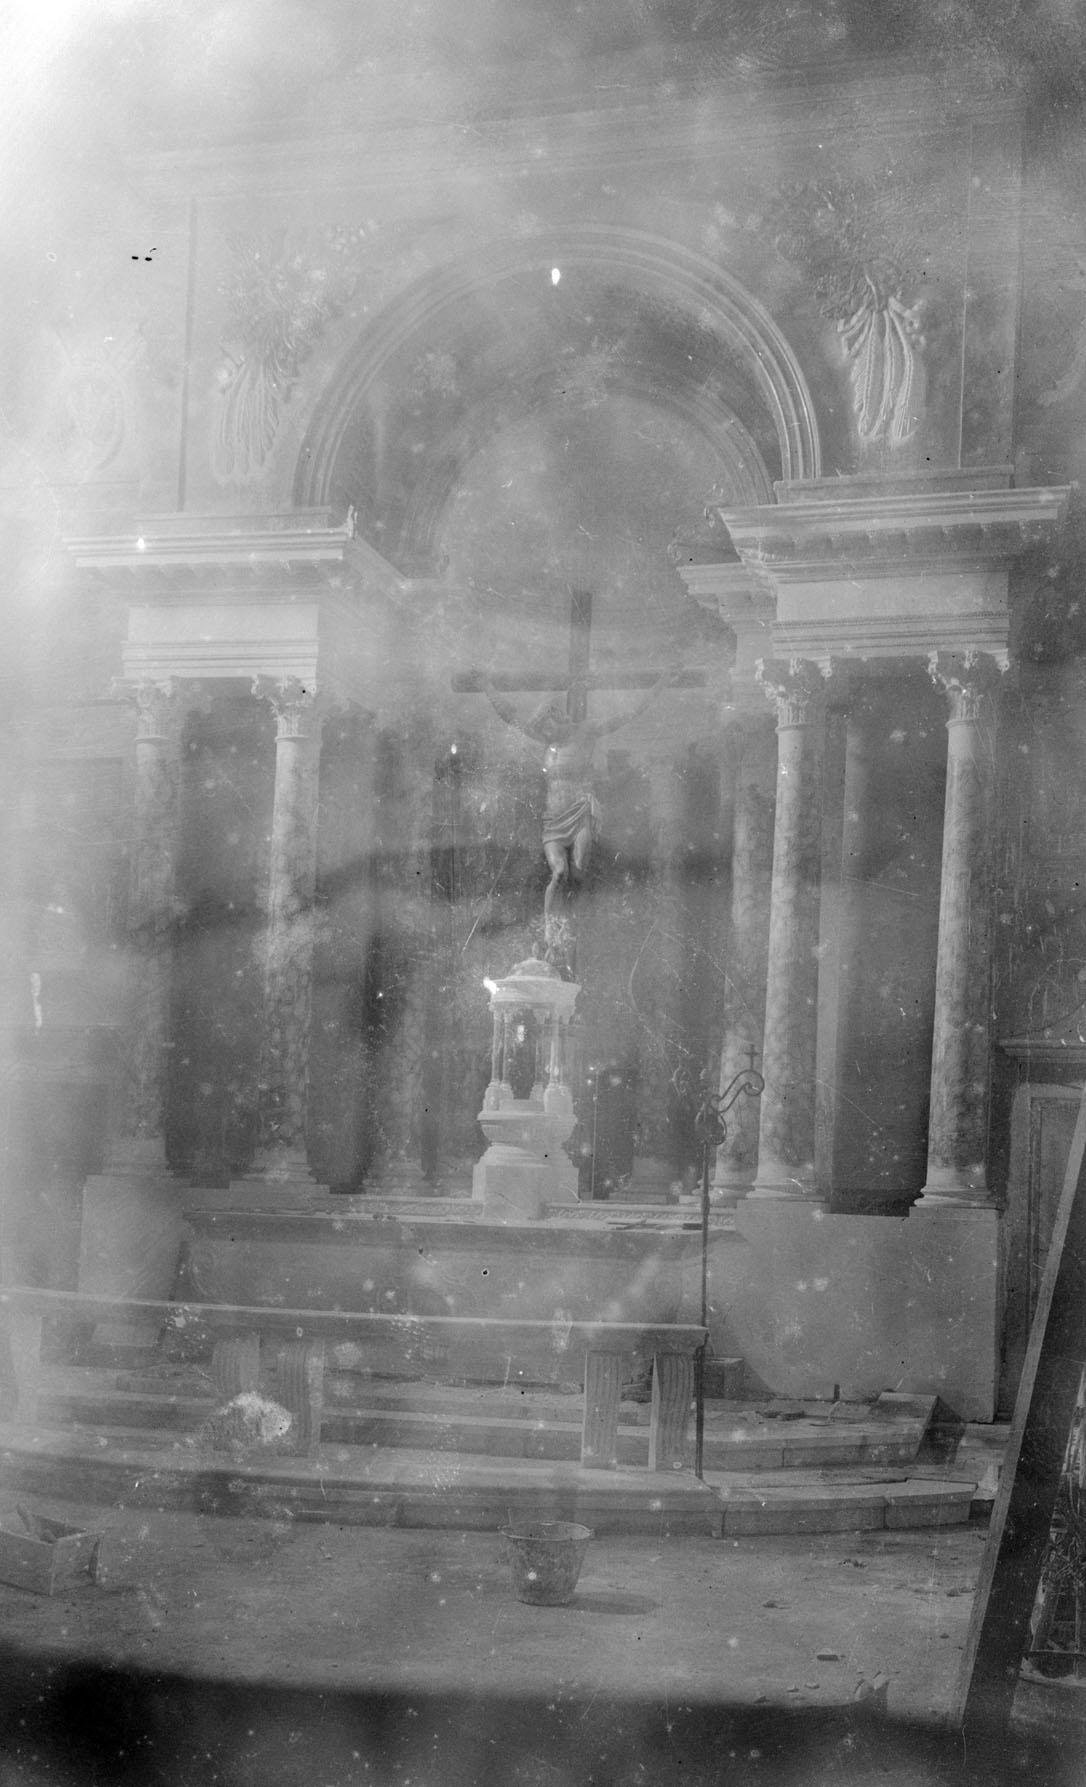 Vista parcial de l'altar del Sant Crist de la basílica de Santa Maria, a Castelló d'Empúries, entre els anys 1942 i 1944 (ACGAX. Fons Sadurní Brunet Pi. Autor: Sadurní Brunet)